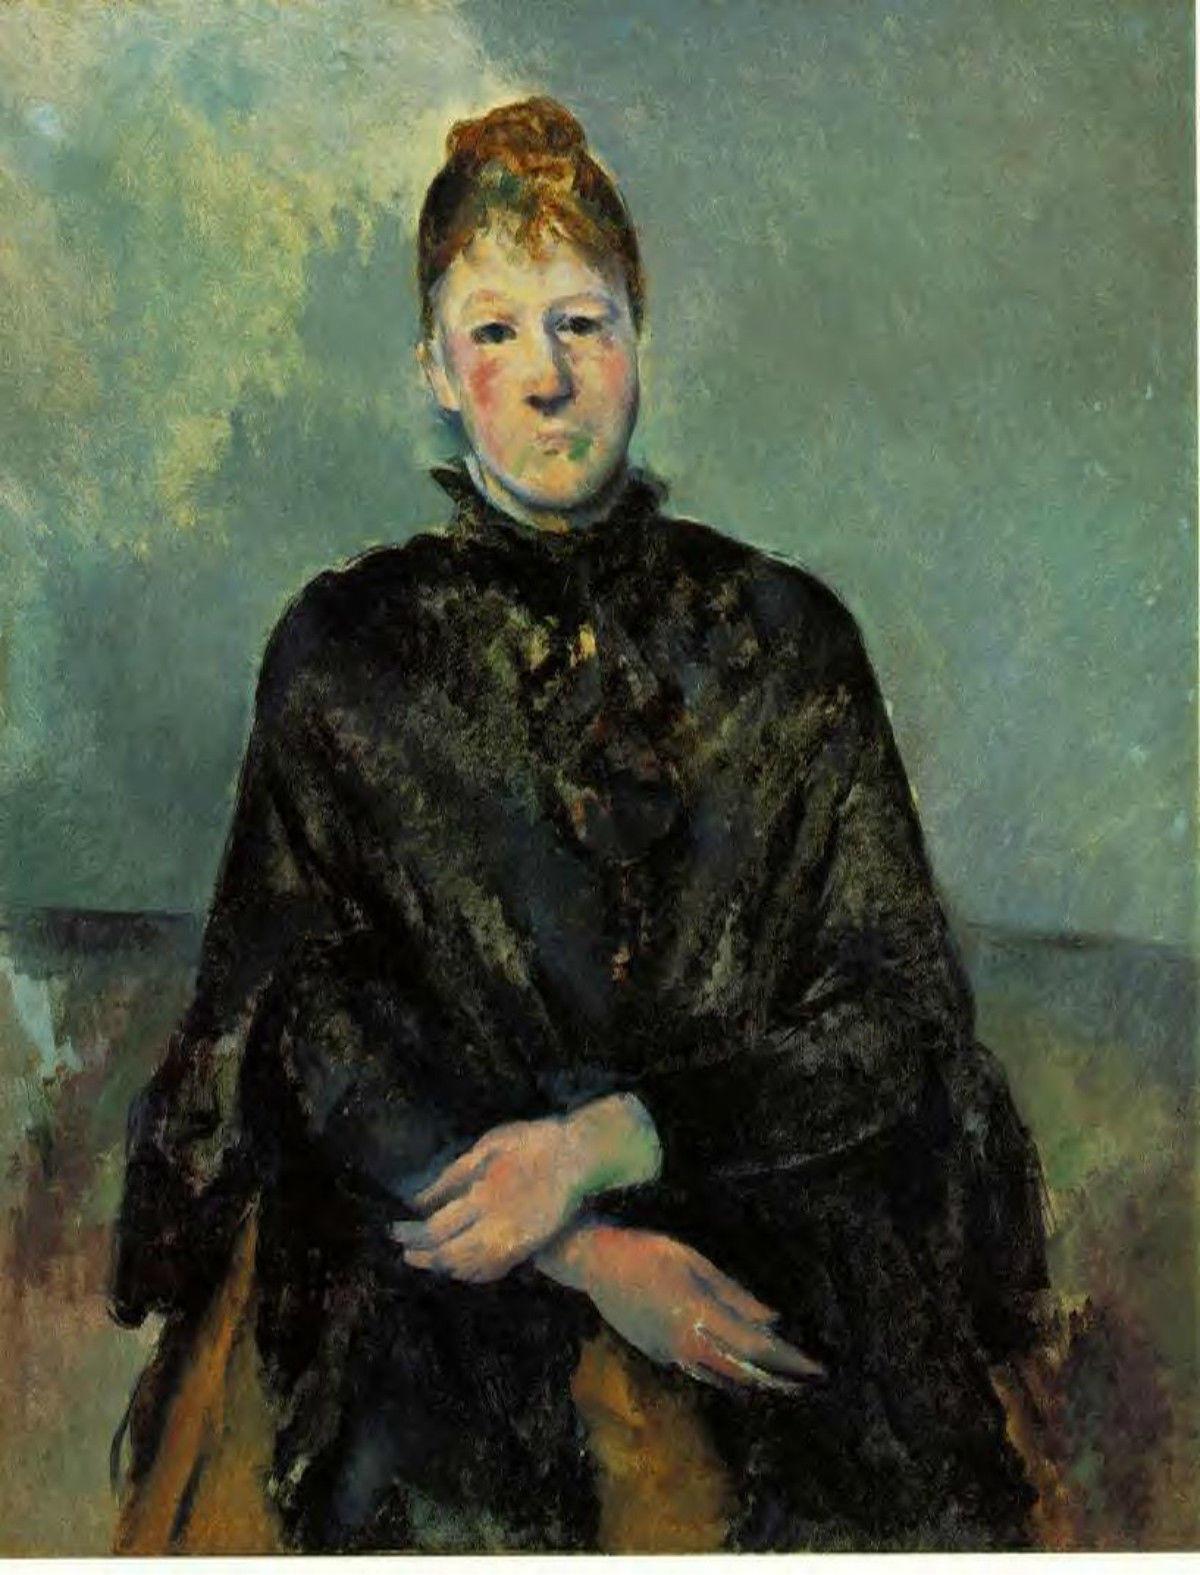 Paul_Cezanne_Portrait_de_Madame_Cezanne